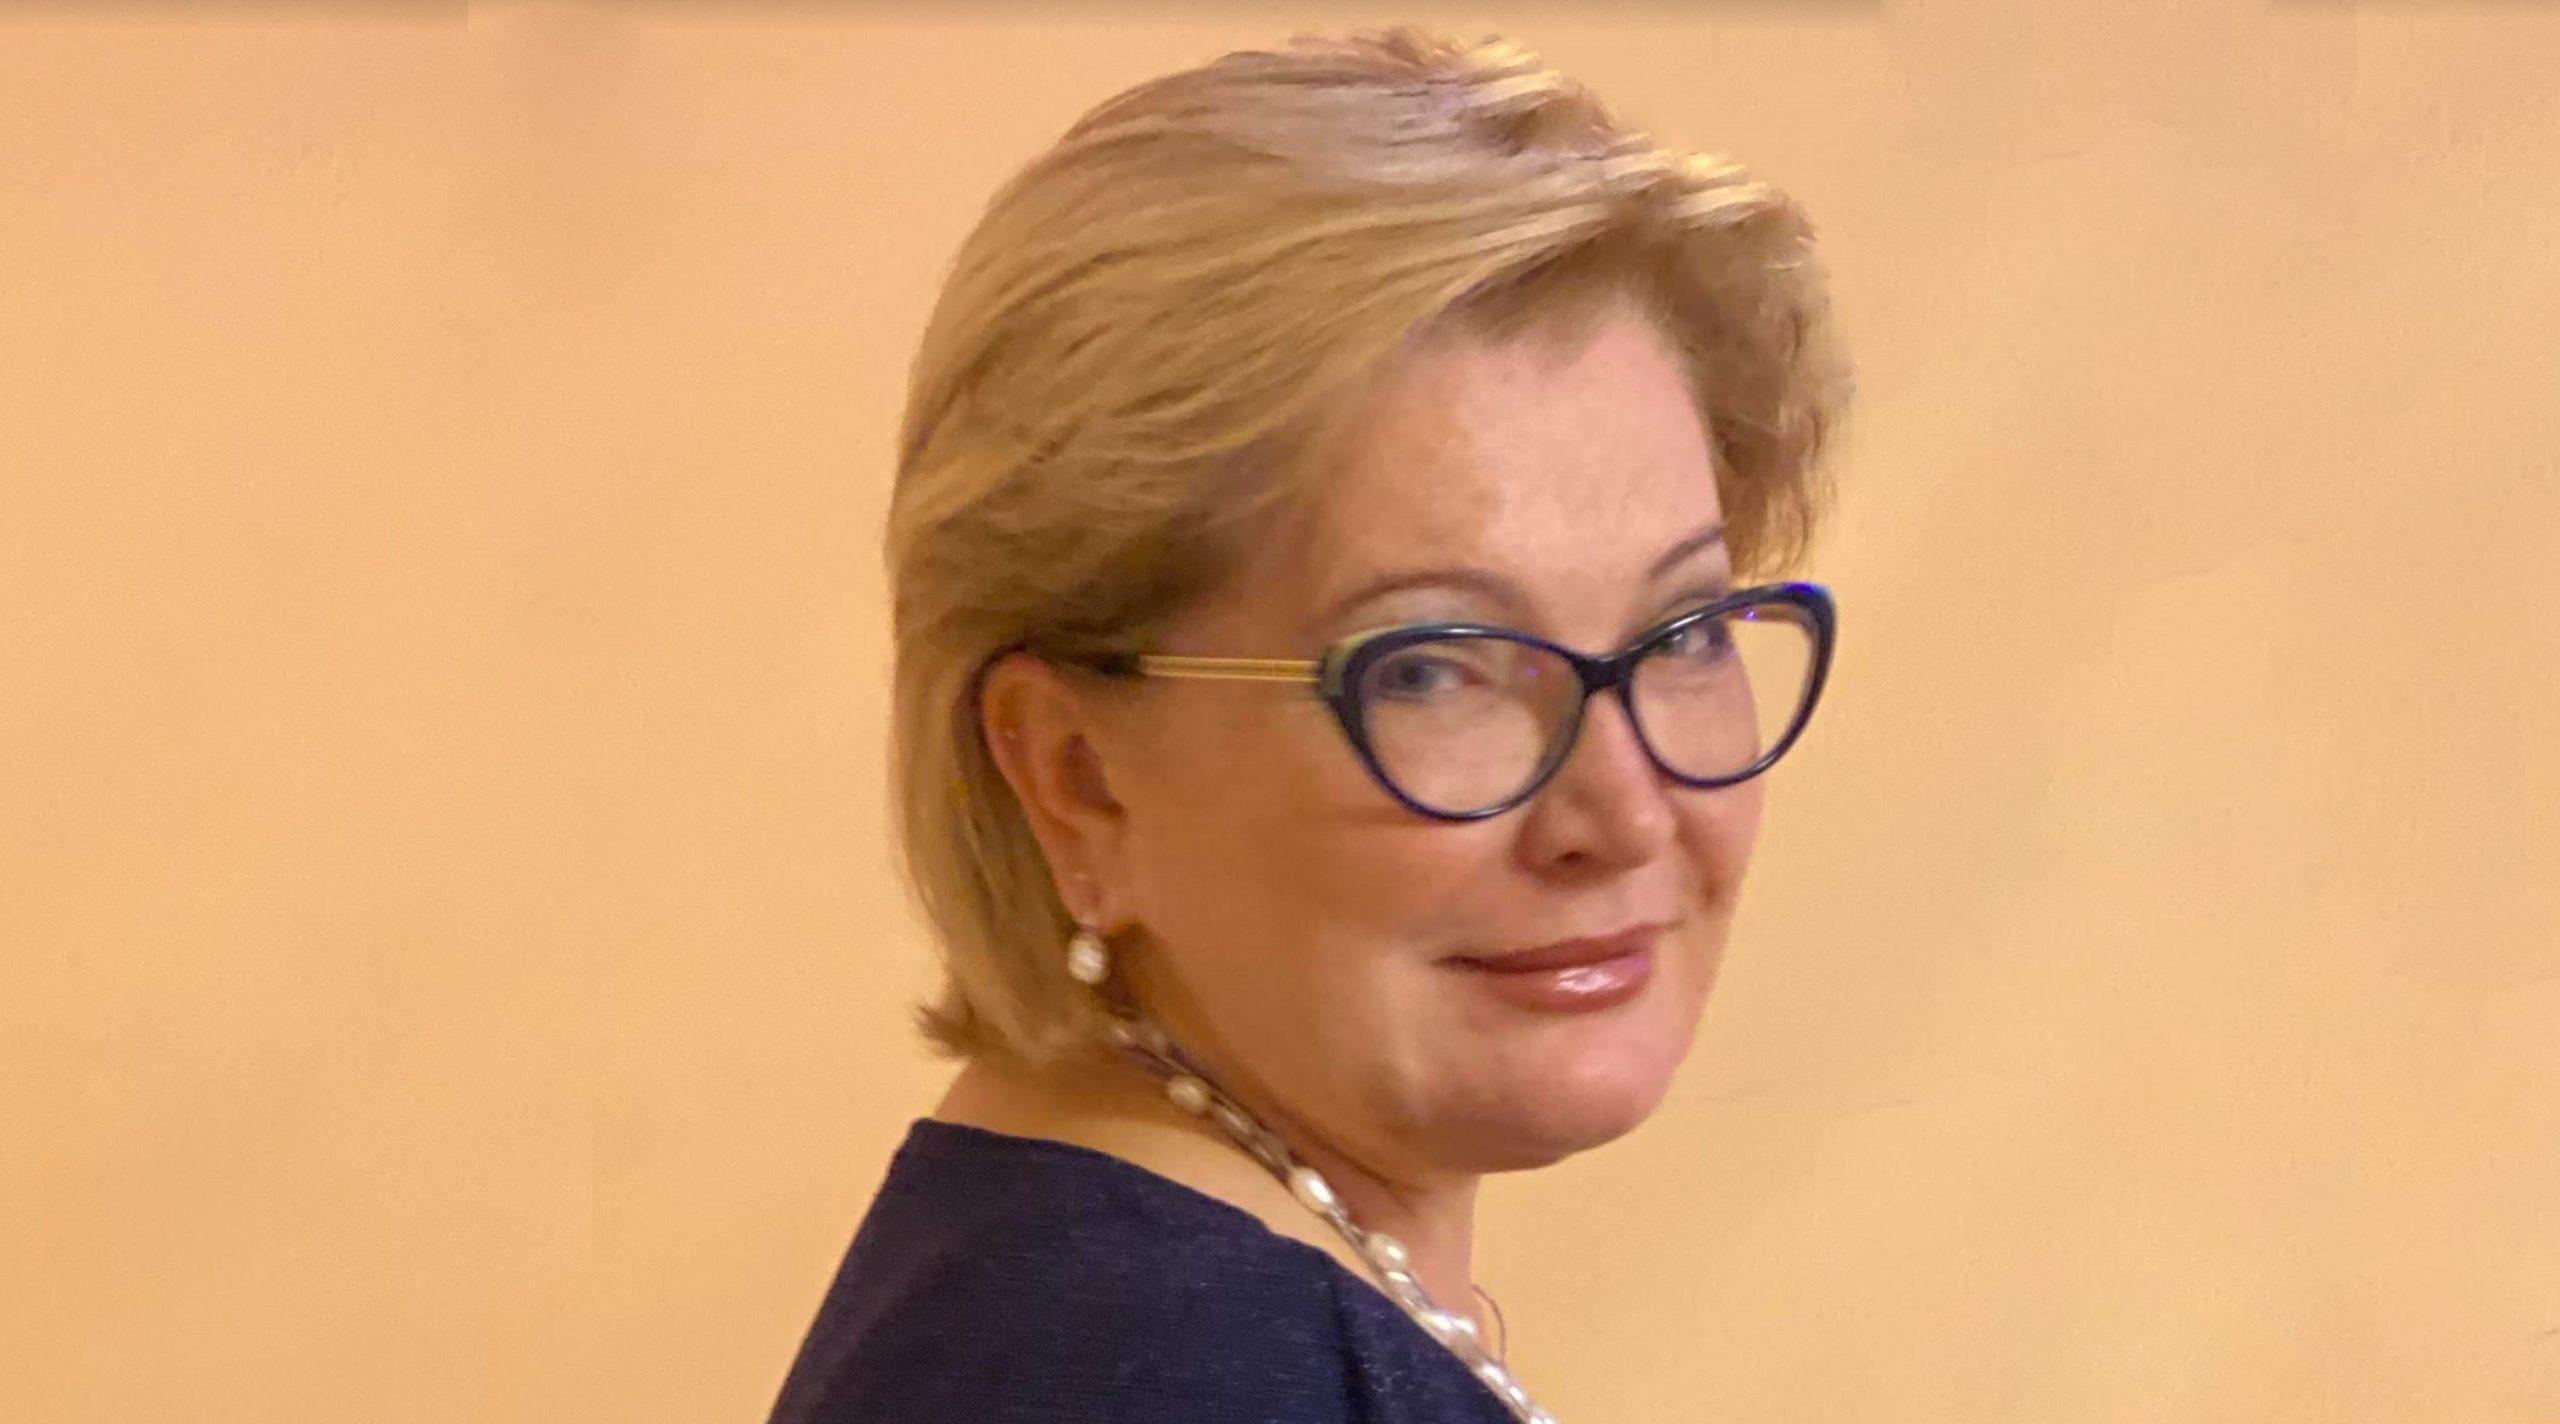 Светлана Бик вошла в новый состав экспертного совета по листингу Московской Биржи